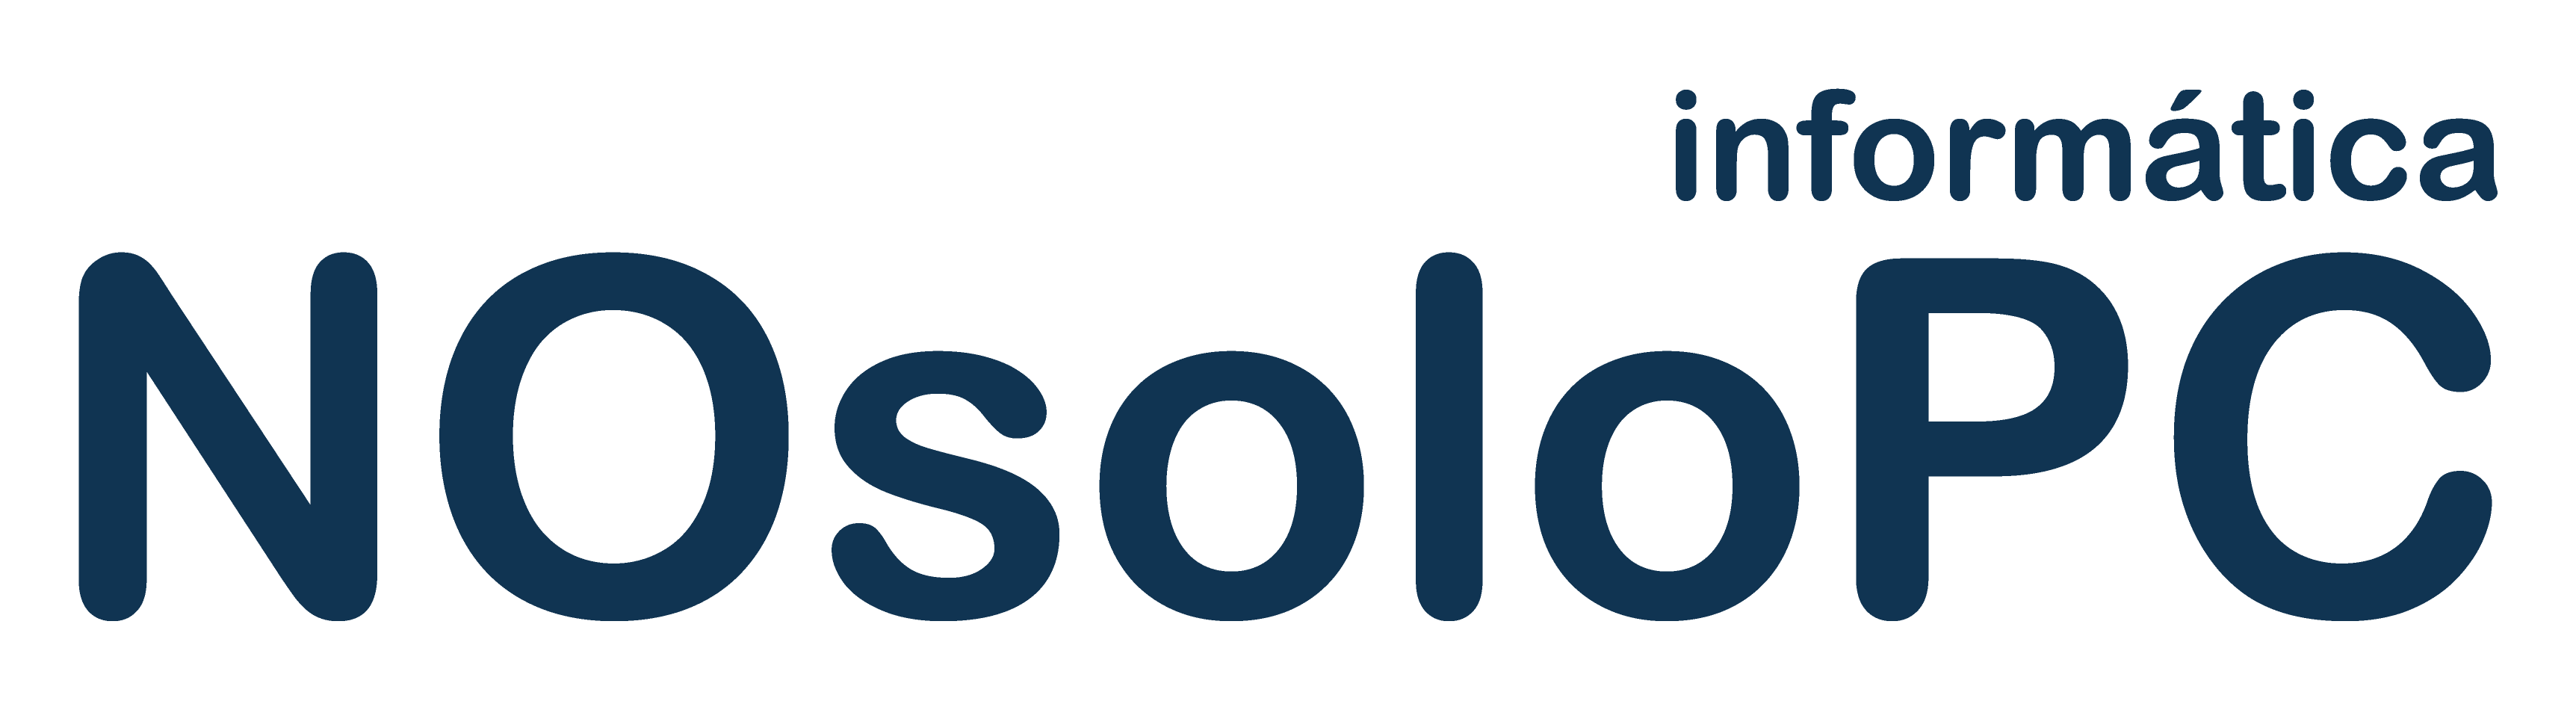 Informática NoSoloPC